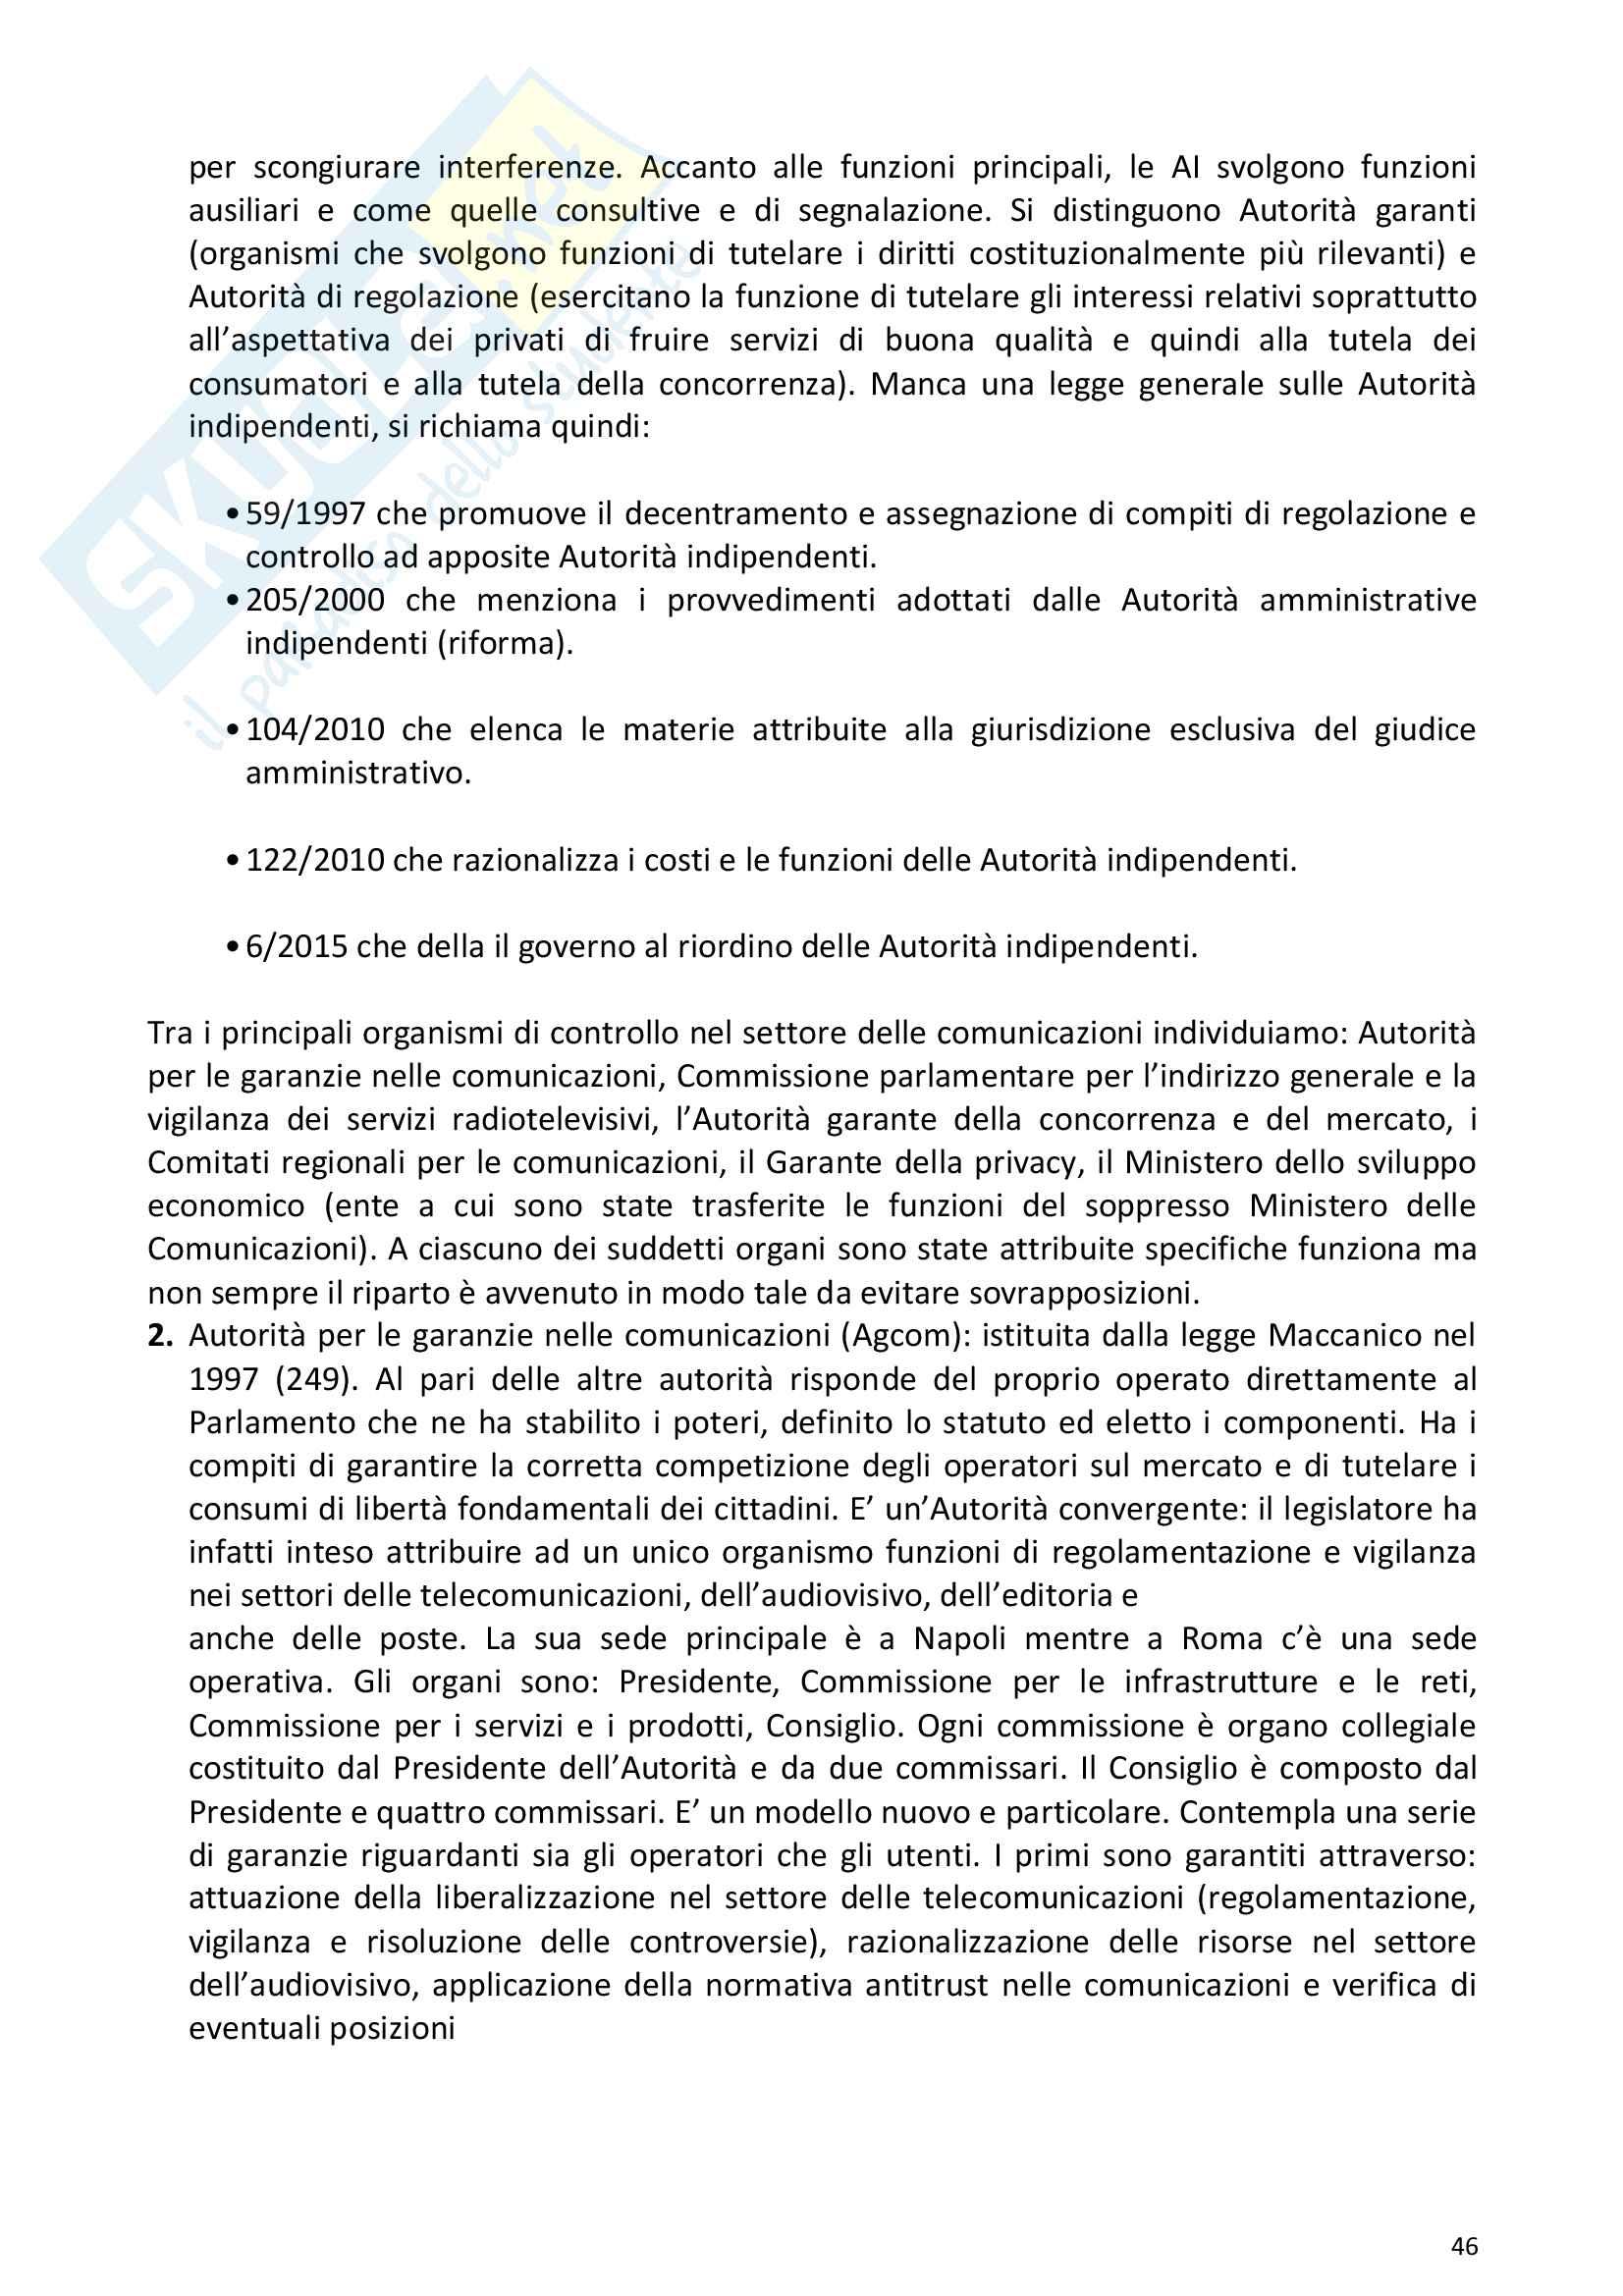 Riassunto esame Diritto della comunicazione per le imprese e i media, prof. Razzante. Libro consigliato Manuale di diritto dell'informazione e della comunicazione (Settima 7 edizione), Razzante (cap. 1,3,5,6,7,8,9) Pag. 46